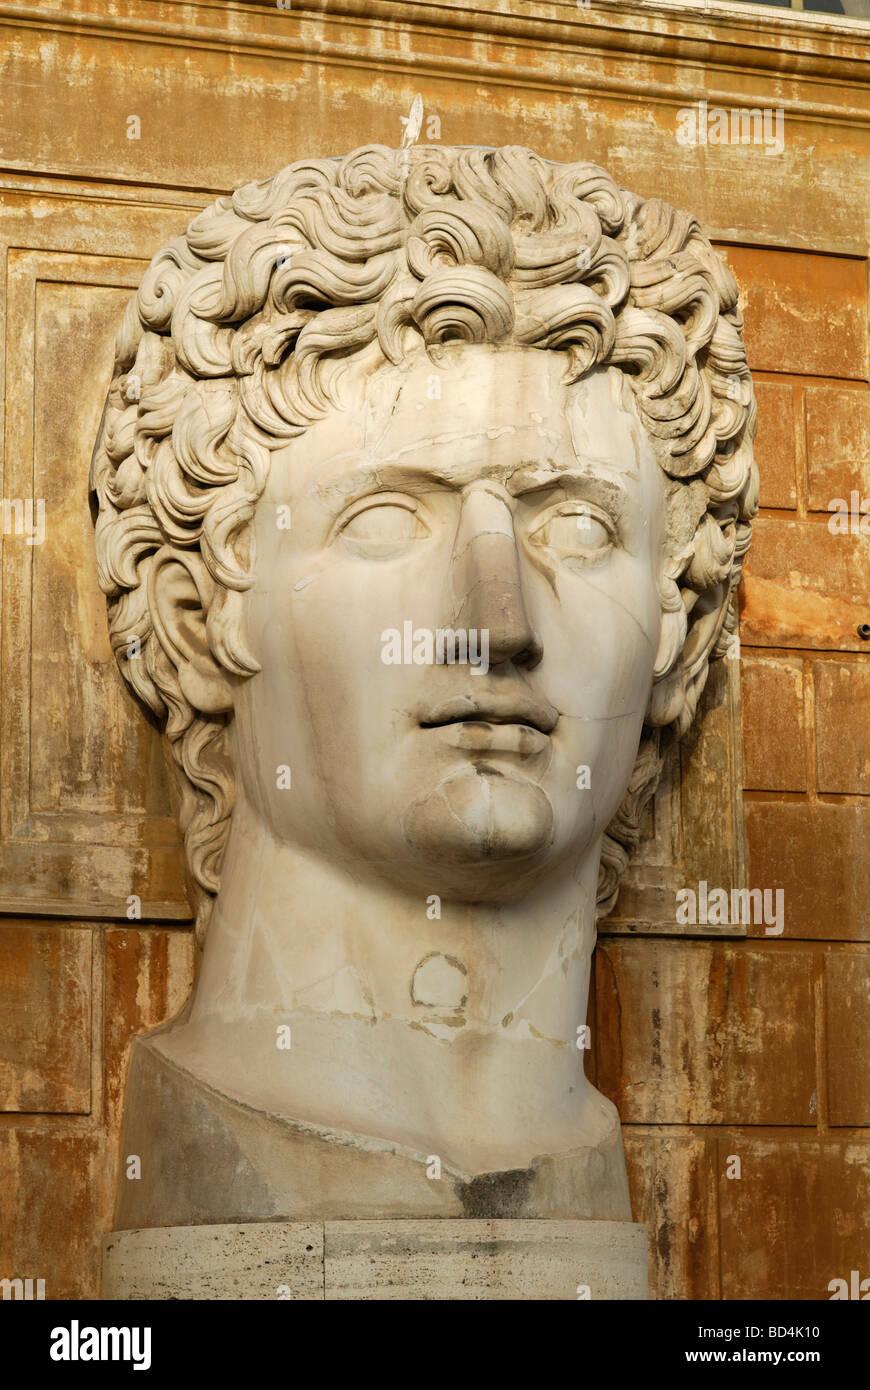 augustus caesar the first roman emperor essay